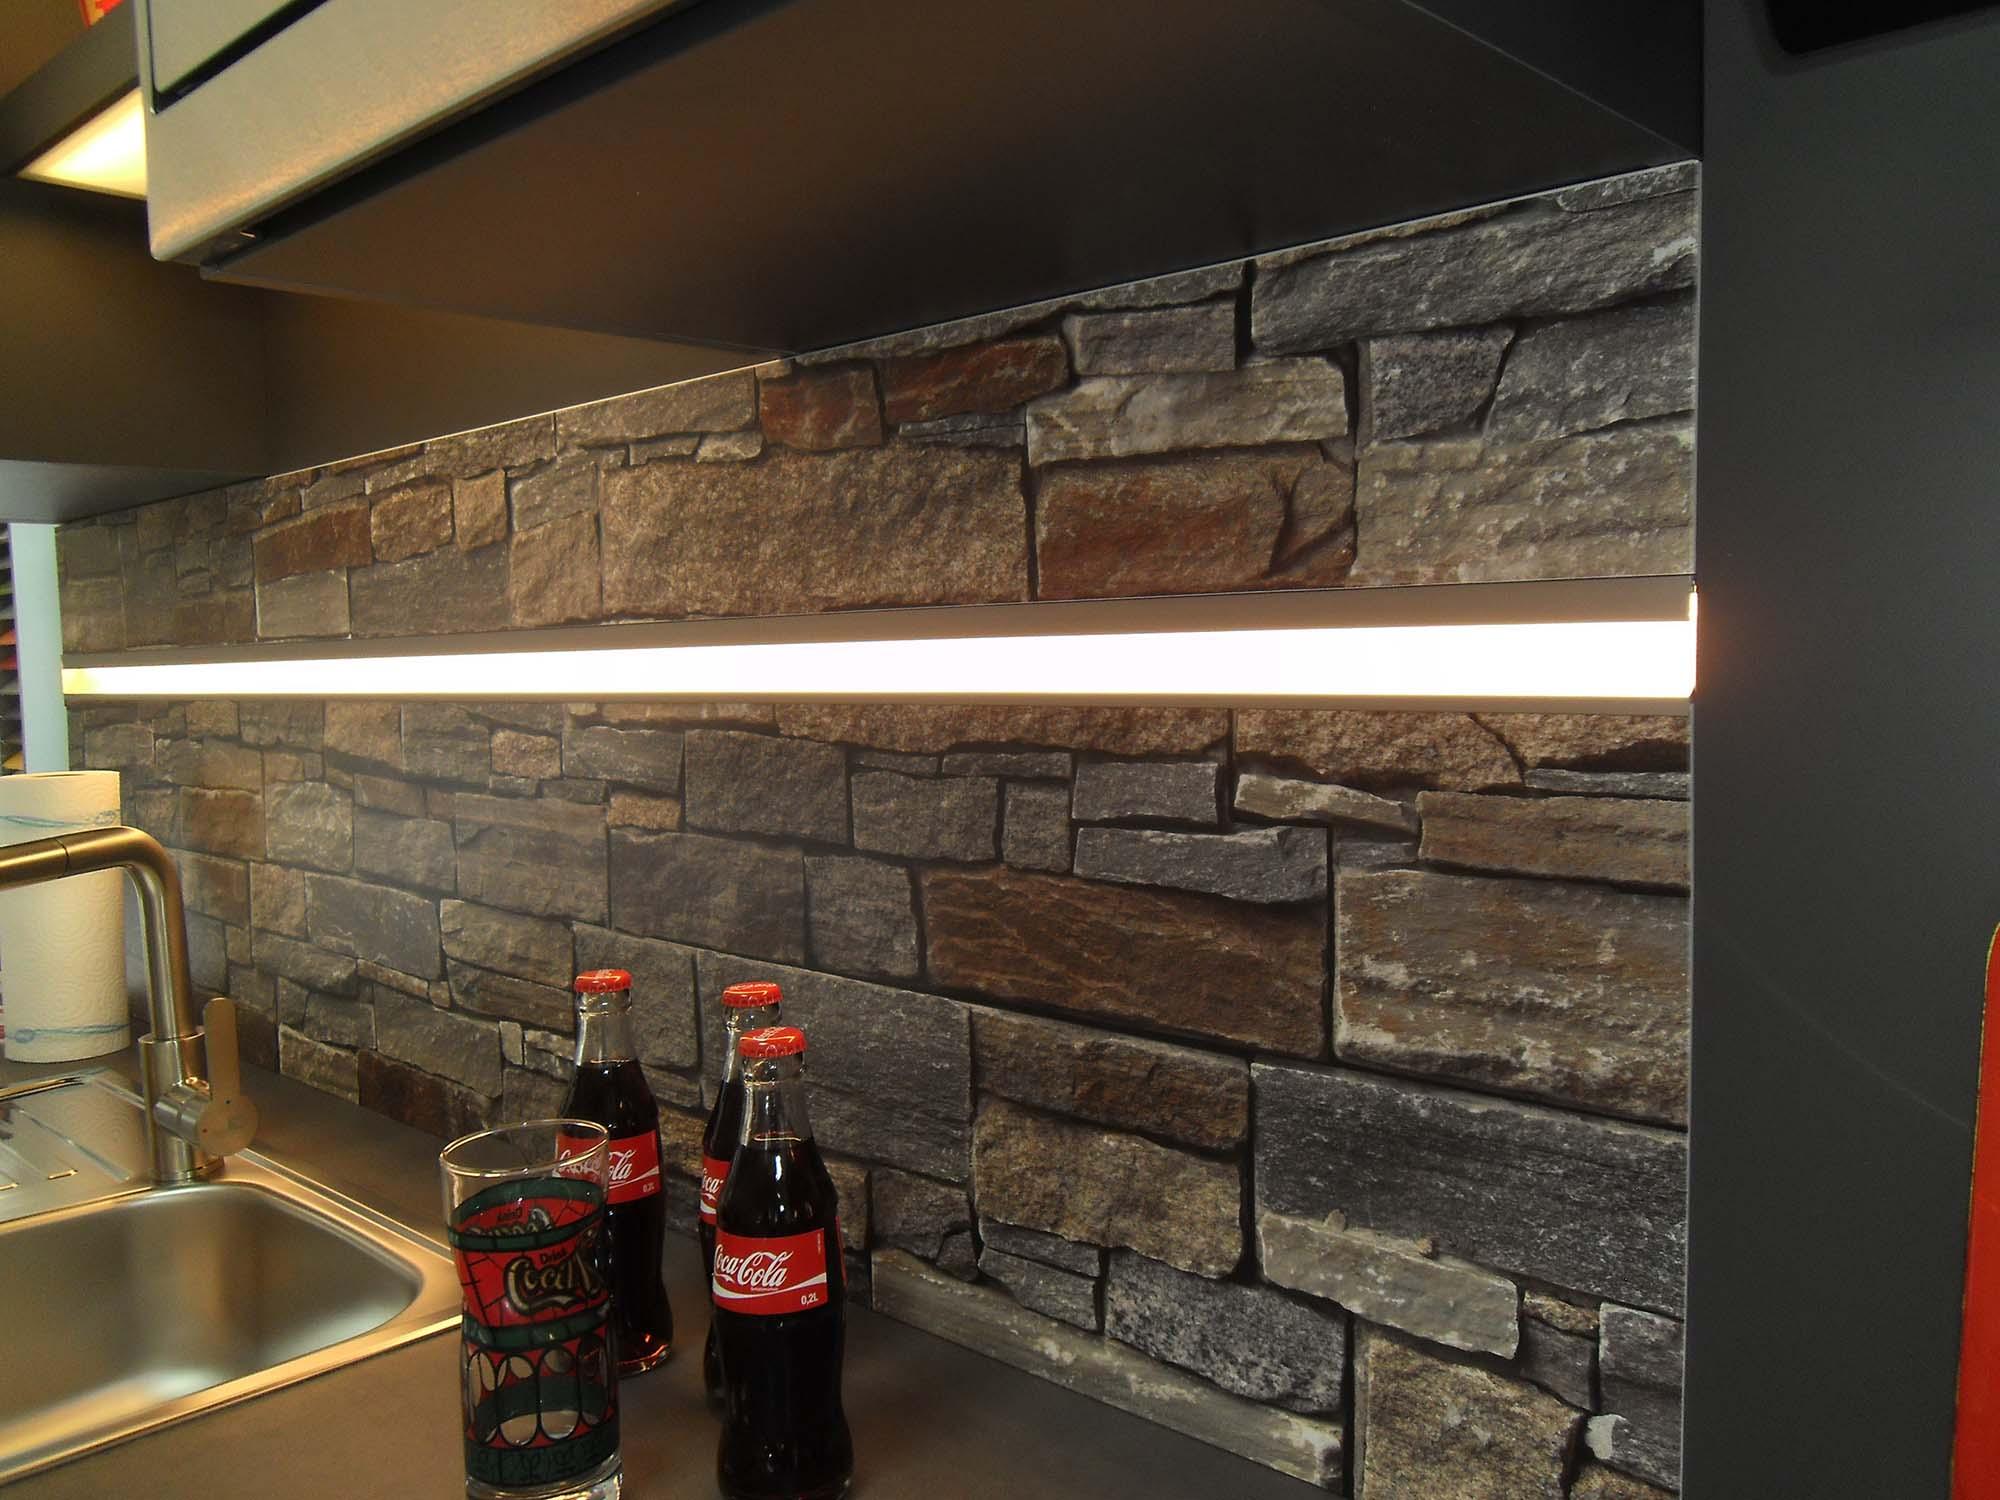 Nischenplatte Kunststoff mit dekorativem Motiv und int. LED-Beleuchtung